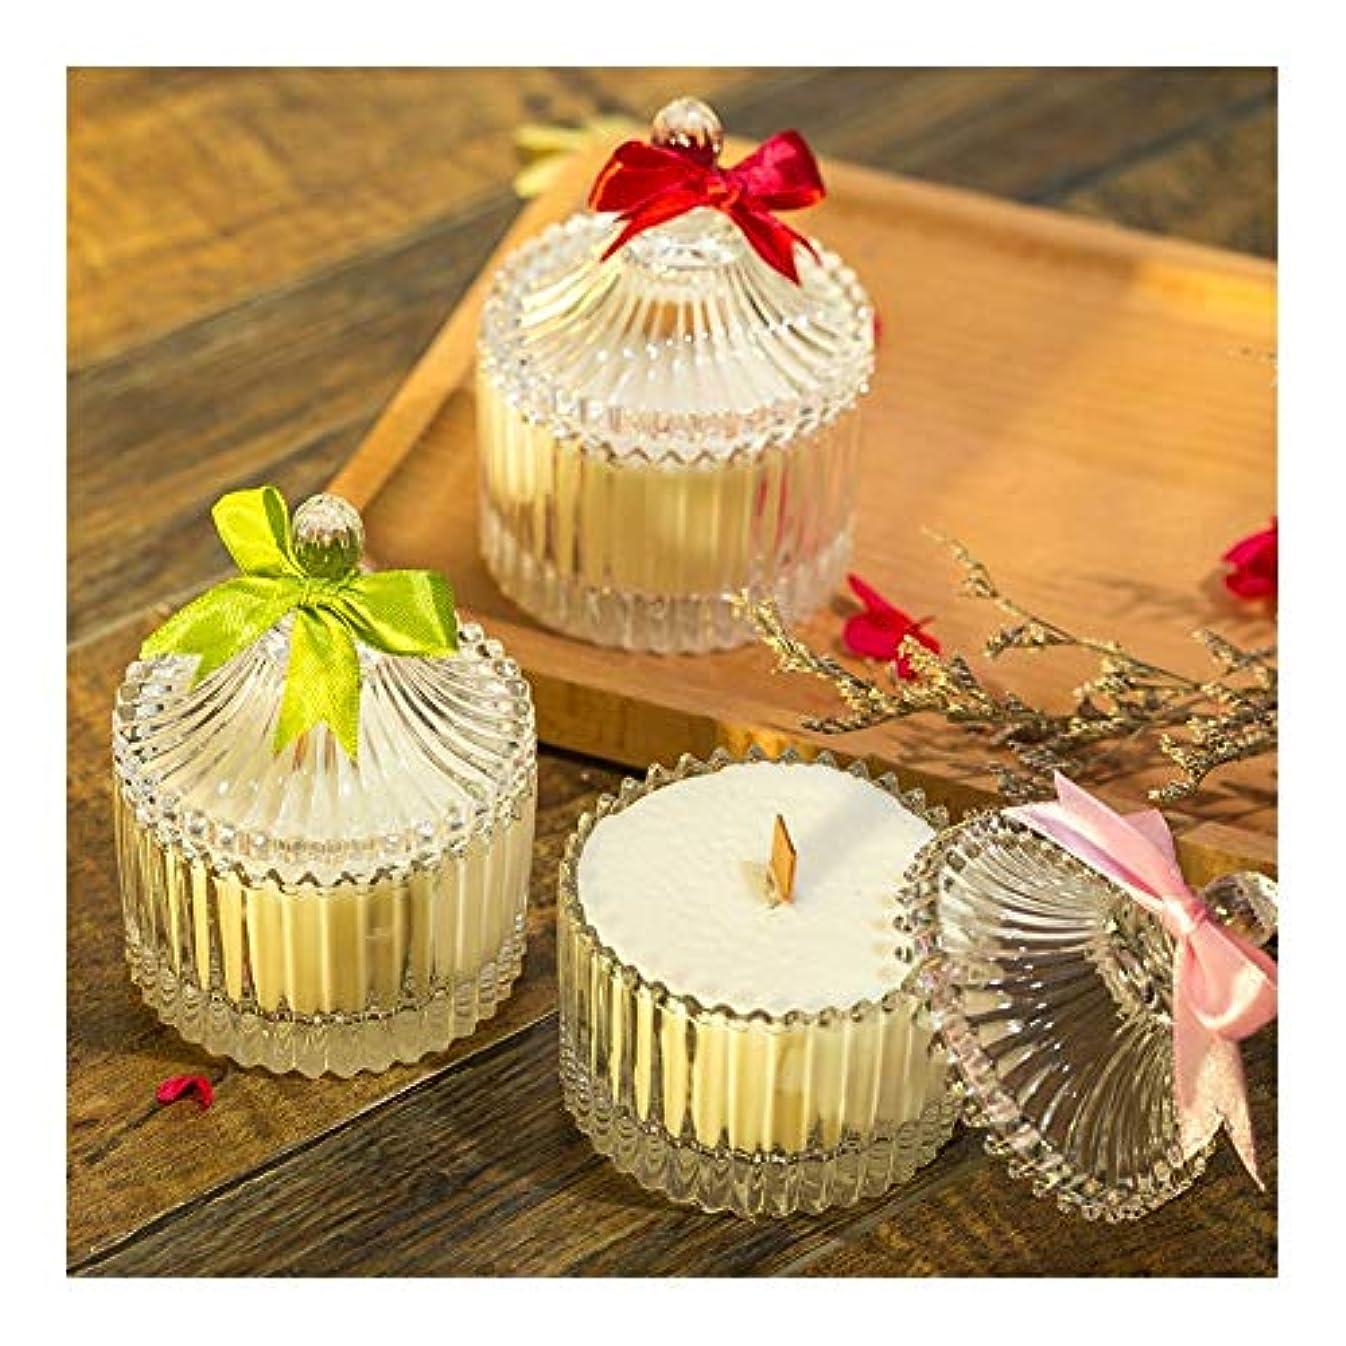 暴力的な実行する迅速Guomao 大豆の香料入りの蝋燭の無煙ガラスの蝋燭の結婚祝い (色 : Marriage)